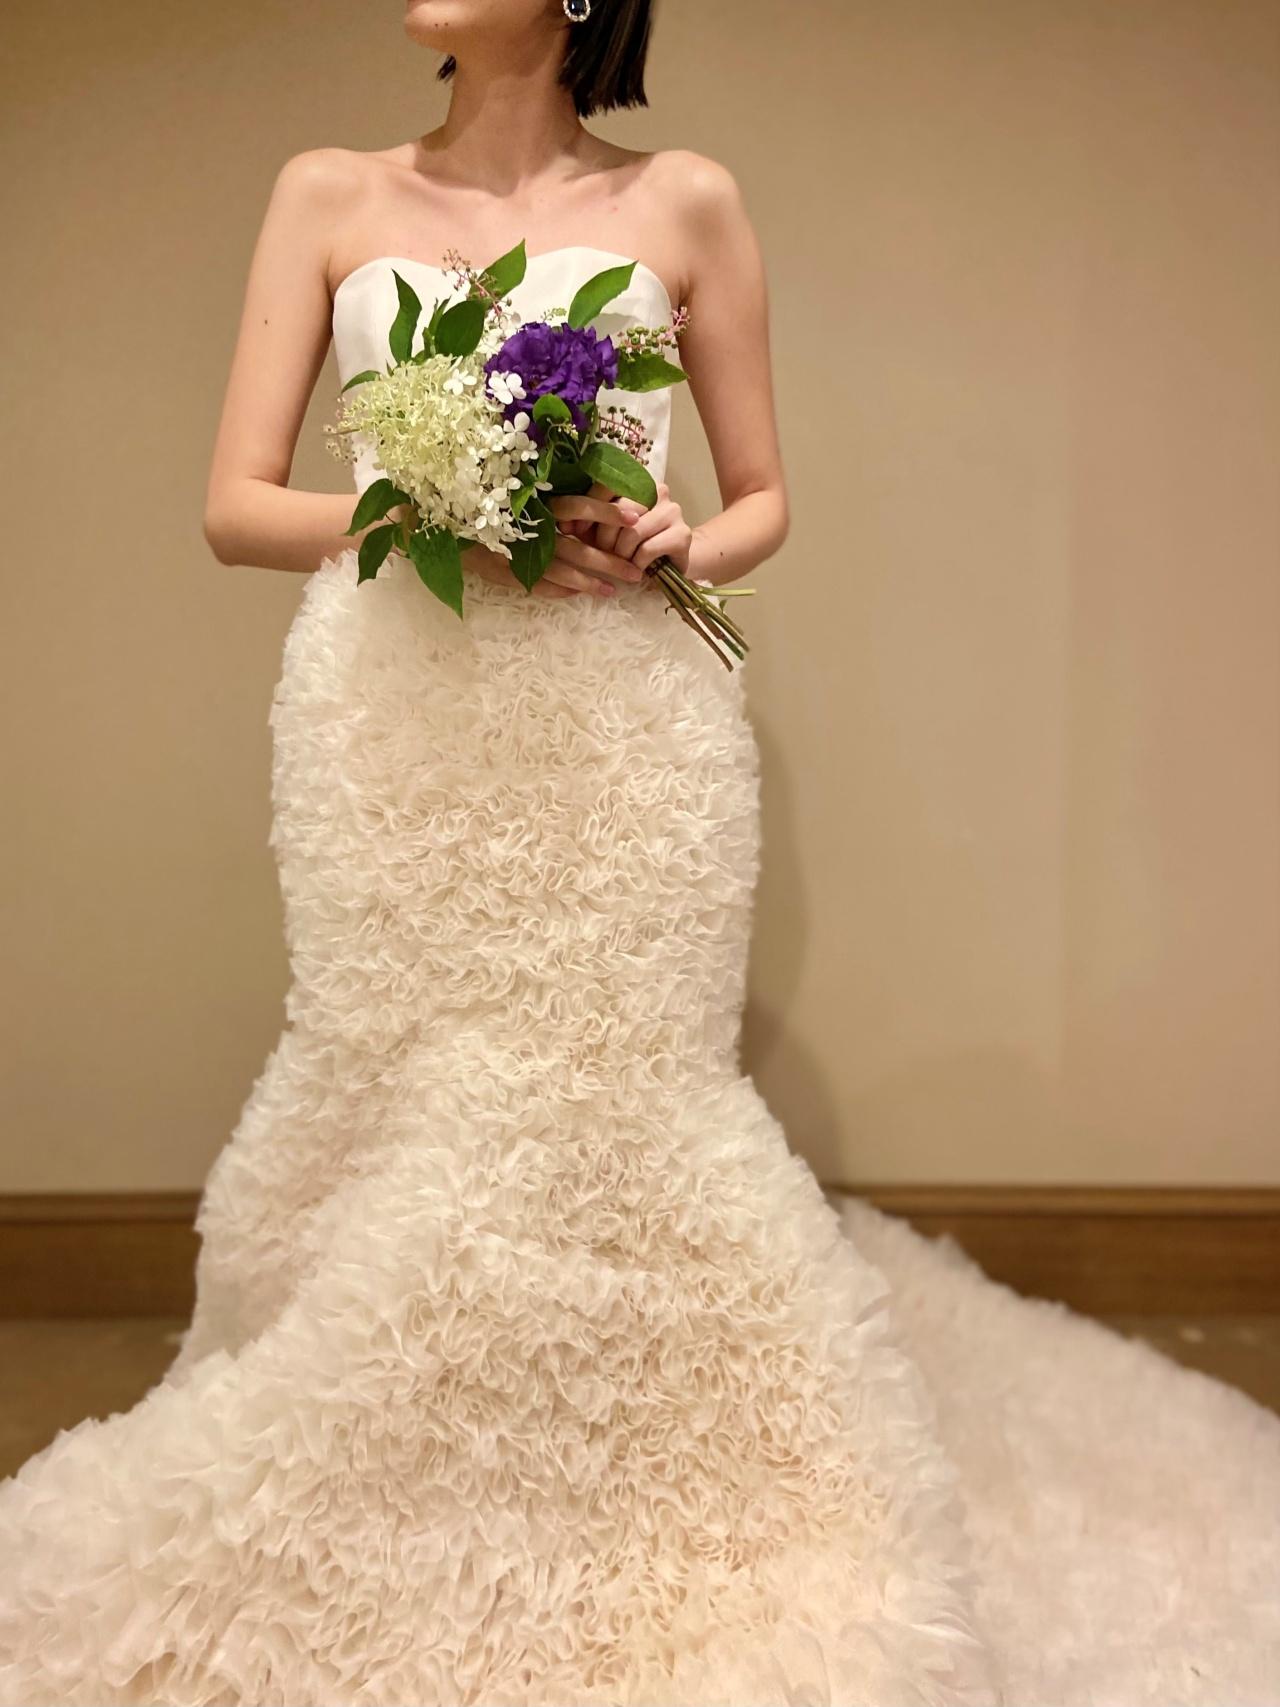 ふわふわのフリルが華やかなマーメイドドレスは、冬のお式にもぴったり